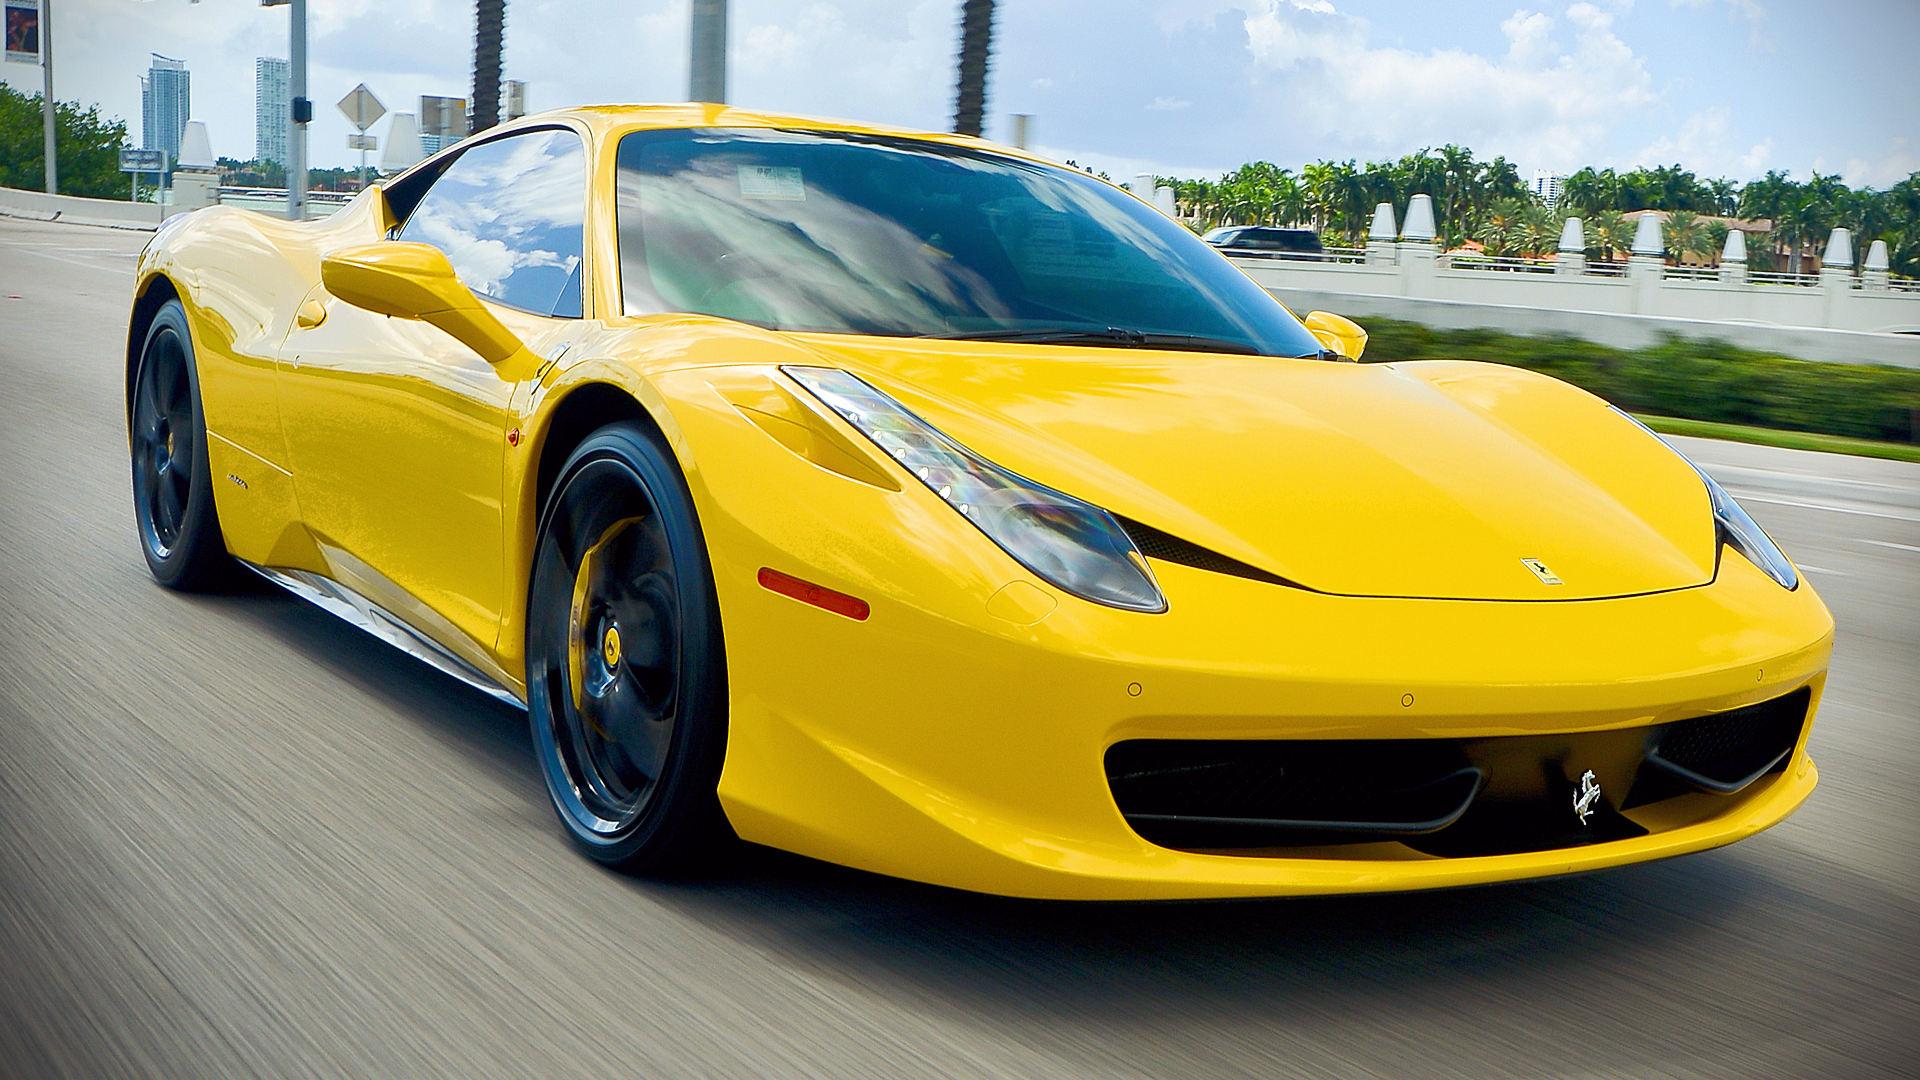 2015 Ferrari 458 Italia Yellow Car